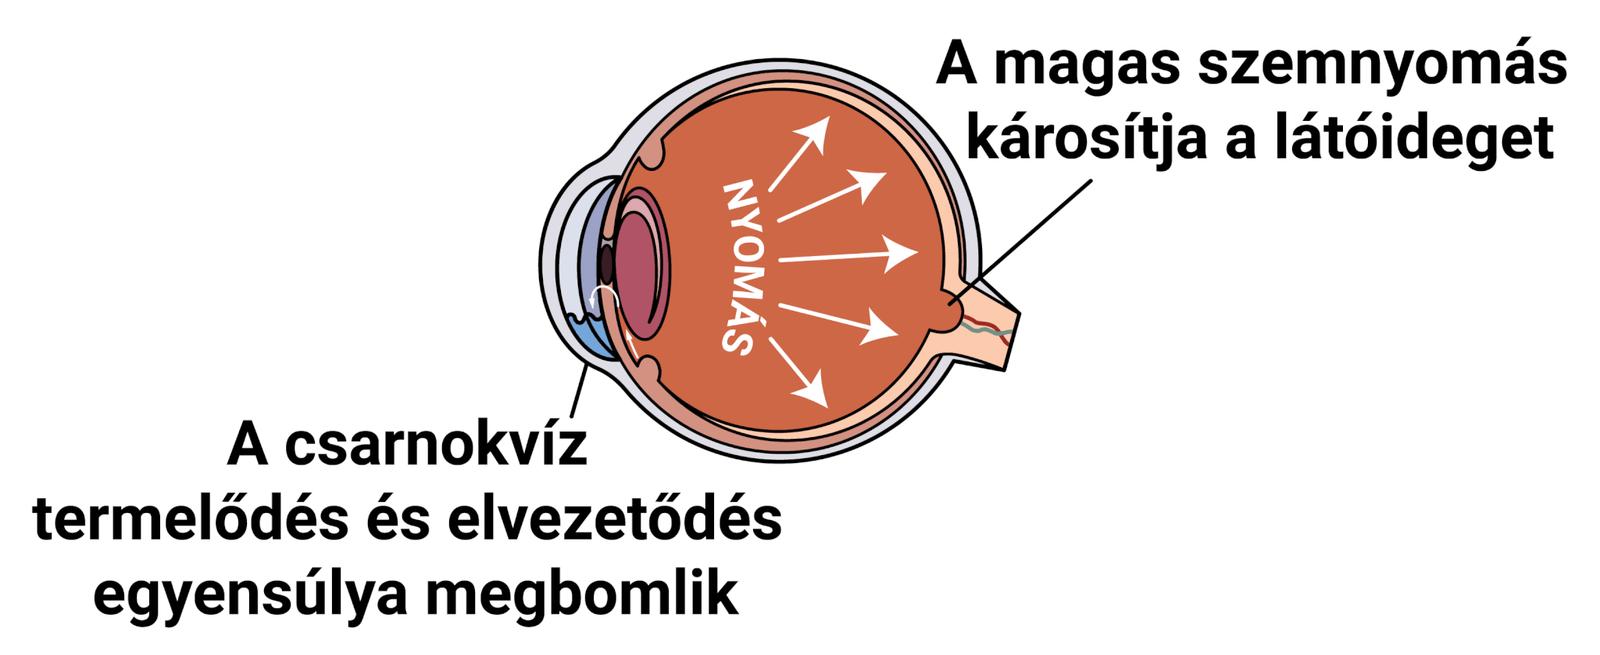 táblázat a látásélesség javítására